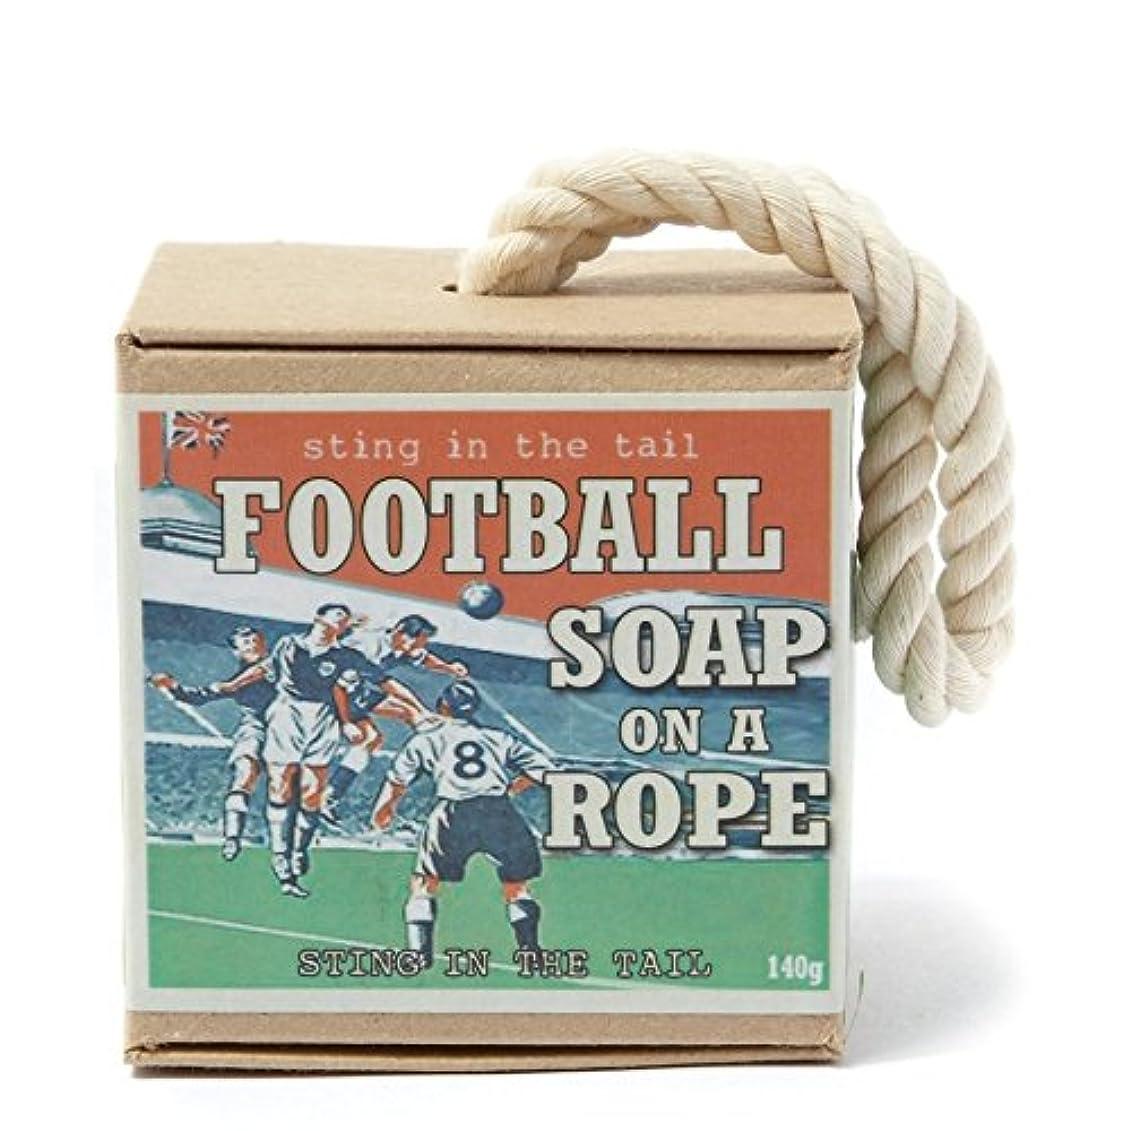 硬さ非行バルセロナSting In The Tail Football on a Rope Soap (Pack of 6) - ロープ石鹸のテールサッカーで刺します x6 [並行輸入品]